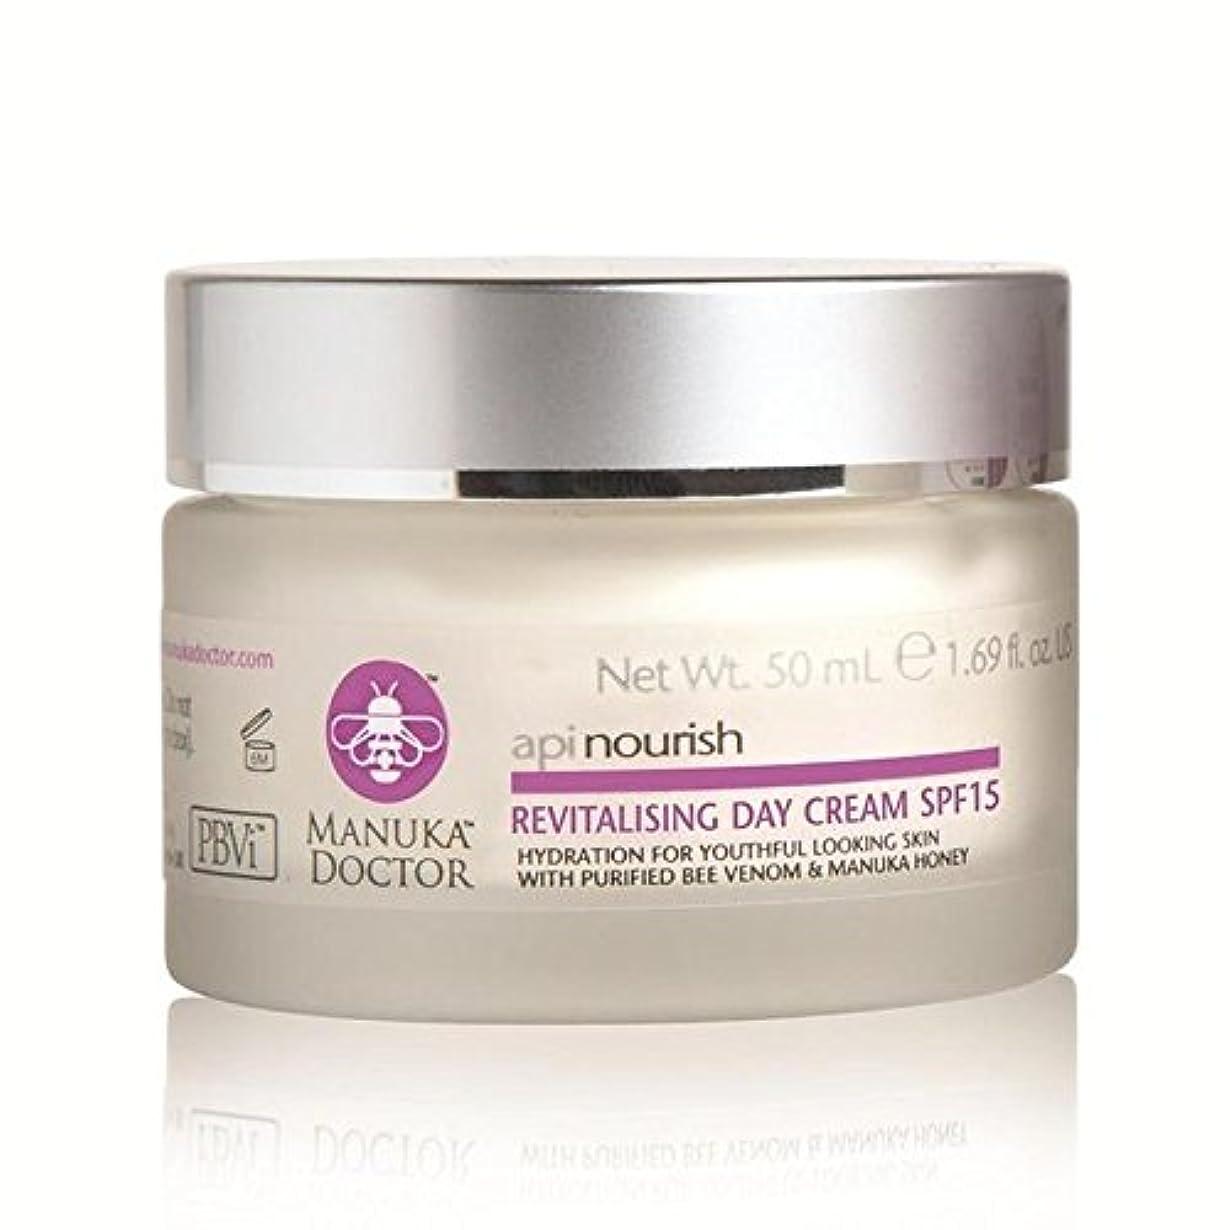 側感度請負業者Manuka Doctor Api Nourish Revitalising Day Cream SPF15 50ml (Pack of 6) - マヌカドクターデイクリーム15の50ミリリットルの活性化養います x6...